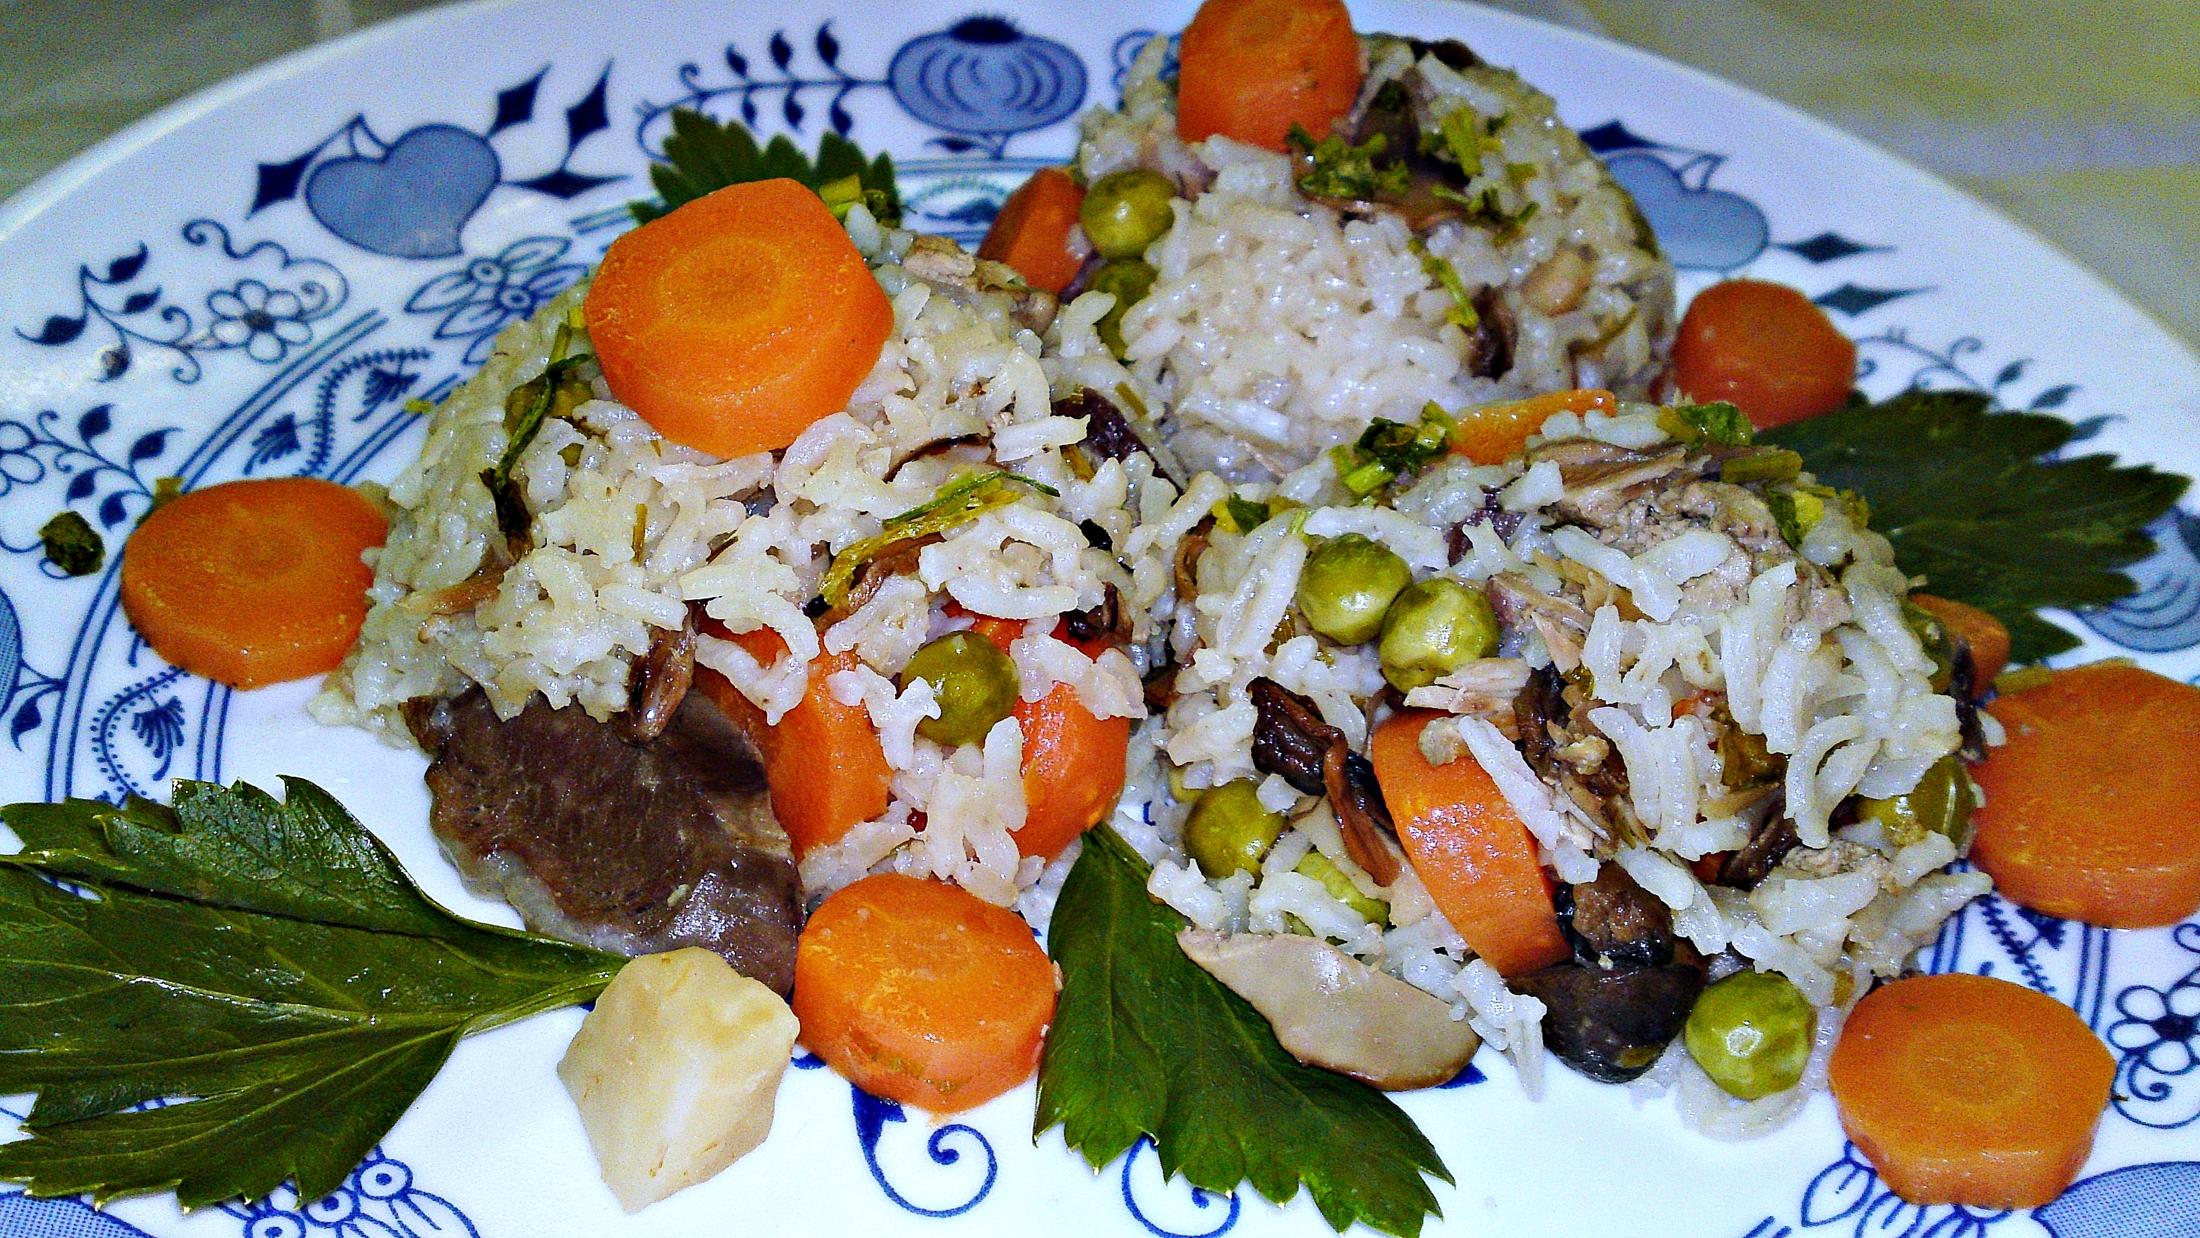 Recept Ludaskása - kaša z ryže a husacích drobov z polievky - Kaši z rýže a husích drobů podáváme horkou.